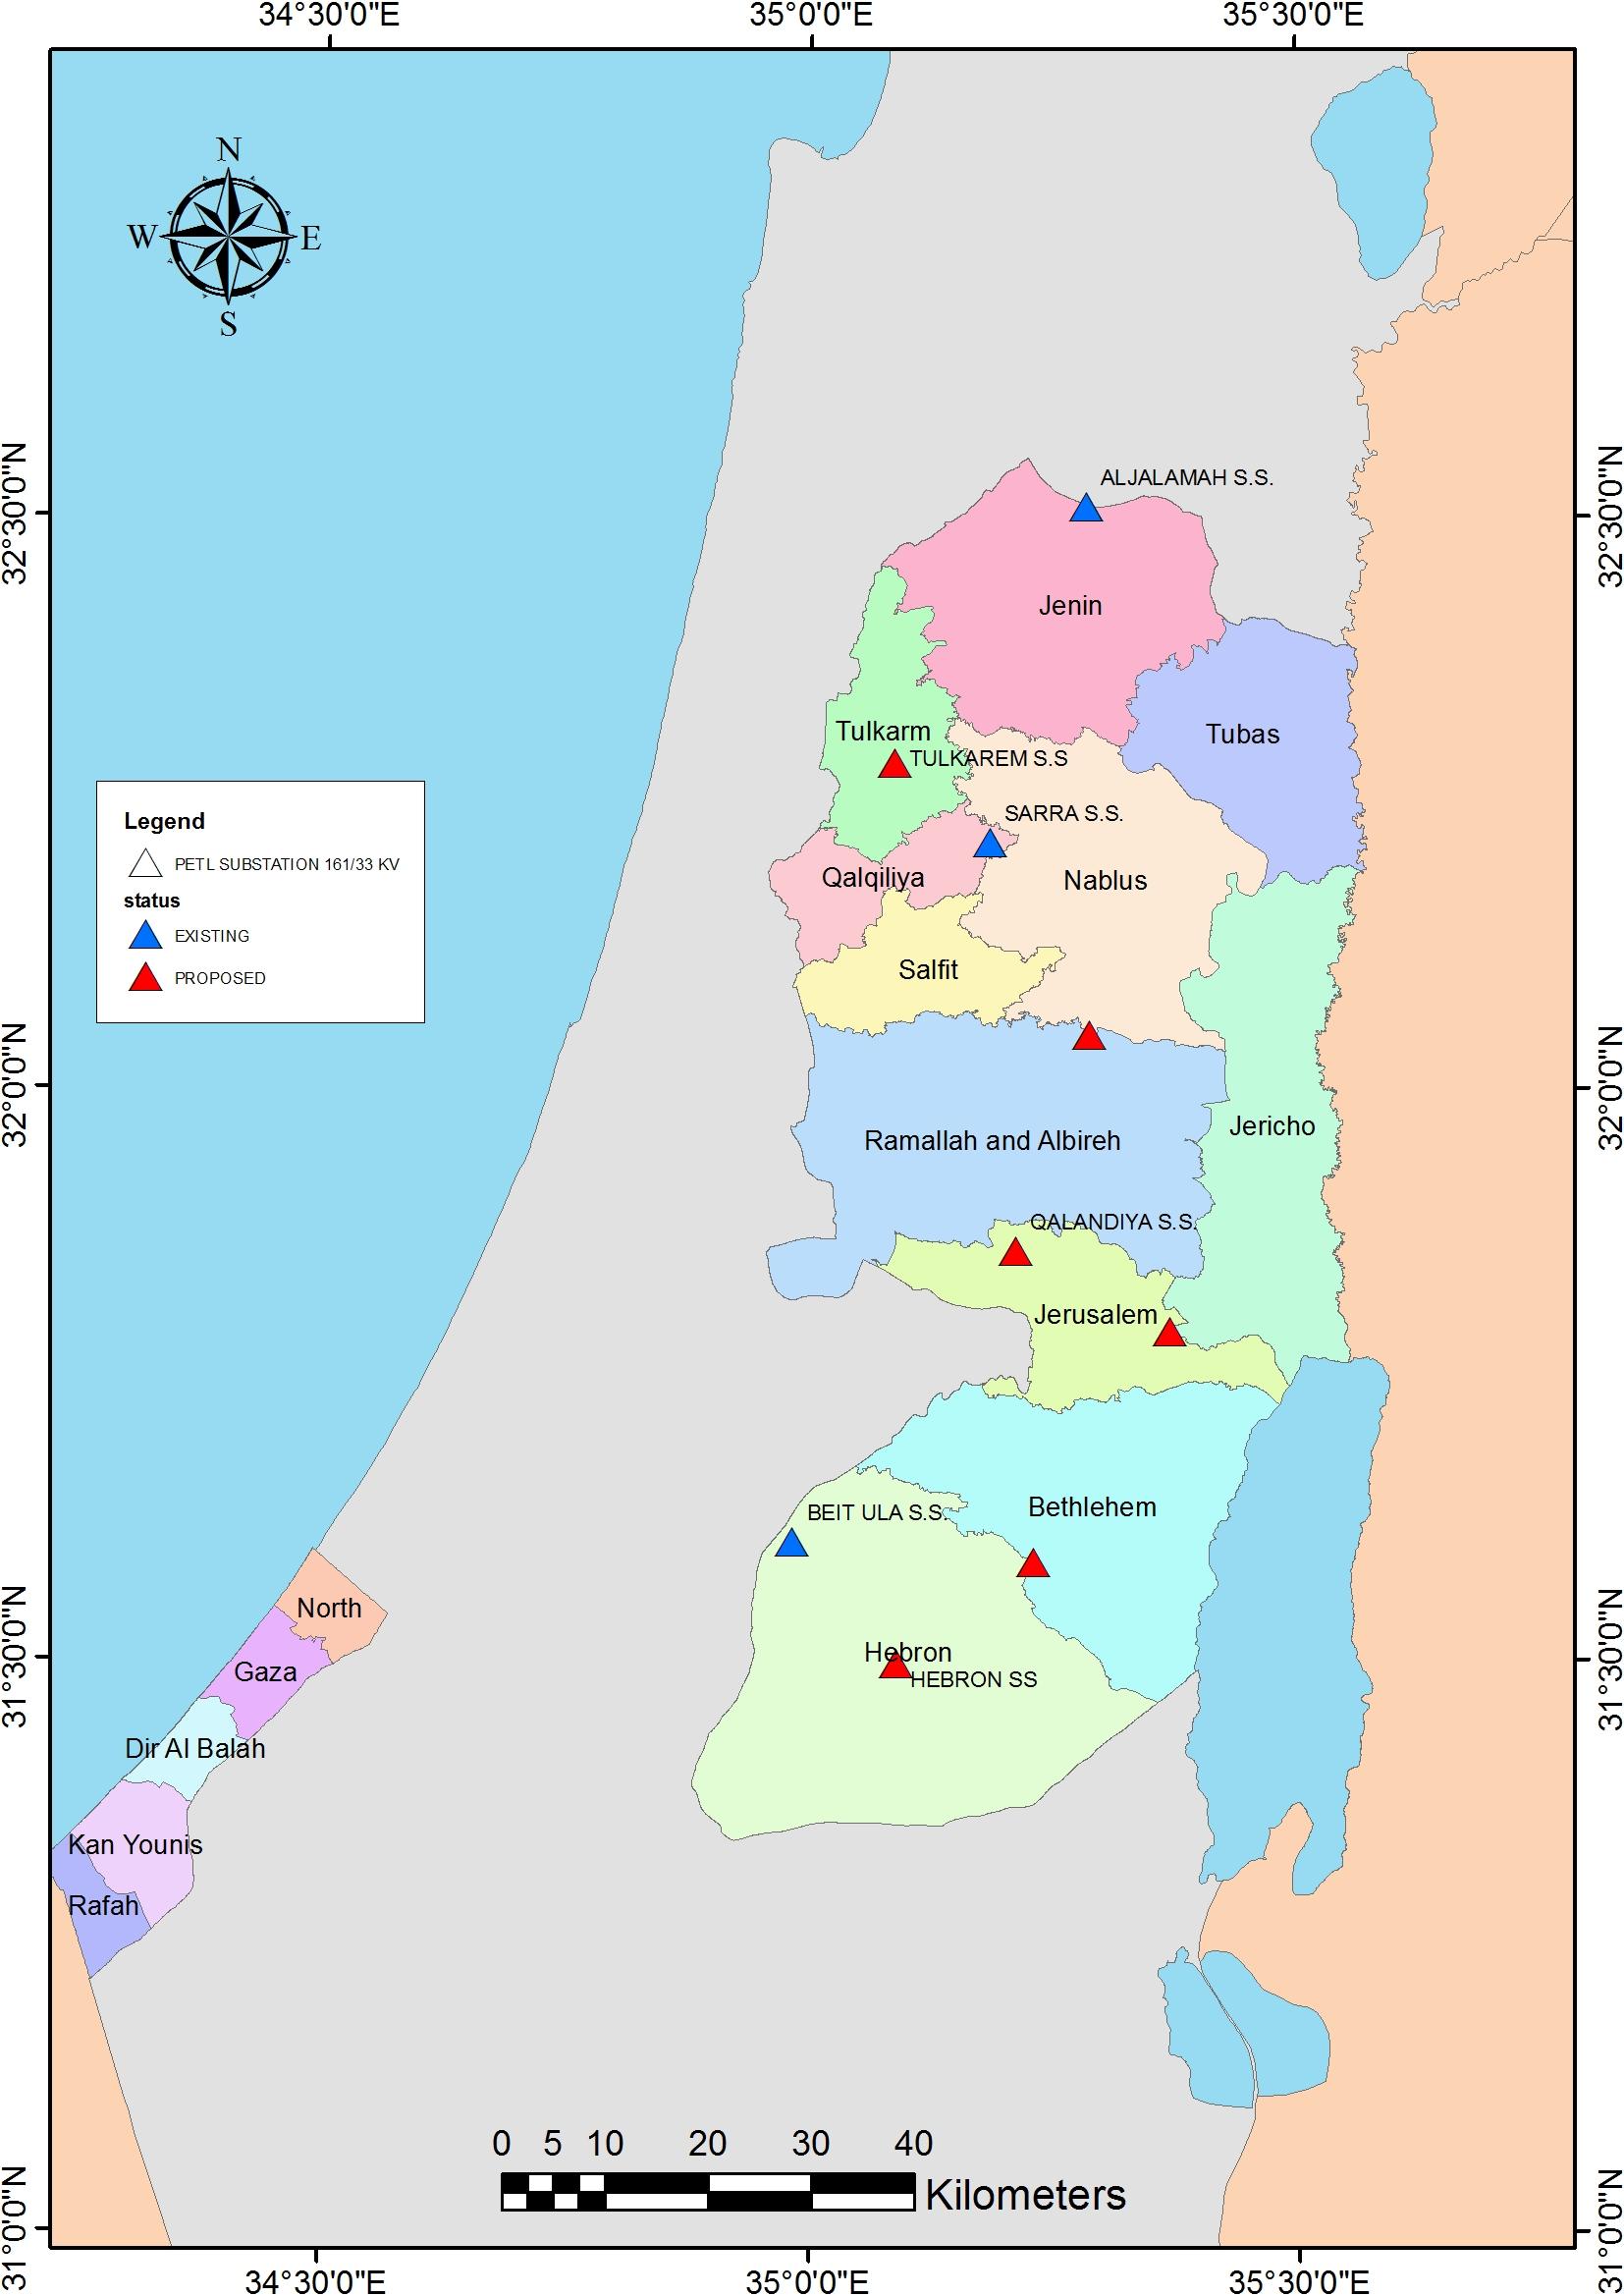 المخطط المستقبلي لانشاء محطات تحويل الكهرباء في الضفة الغربية وقطاع عزة